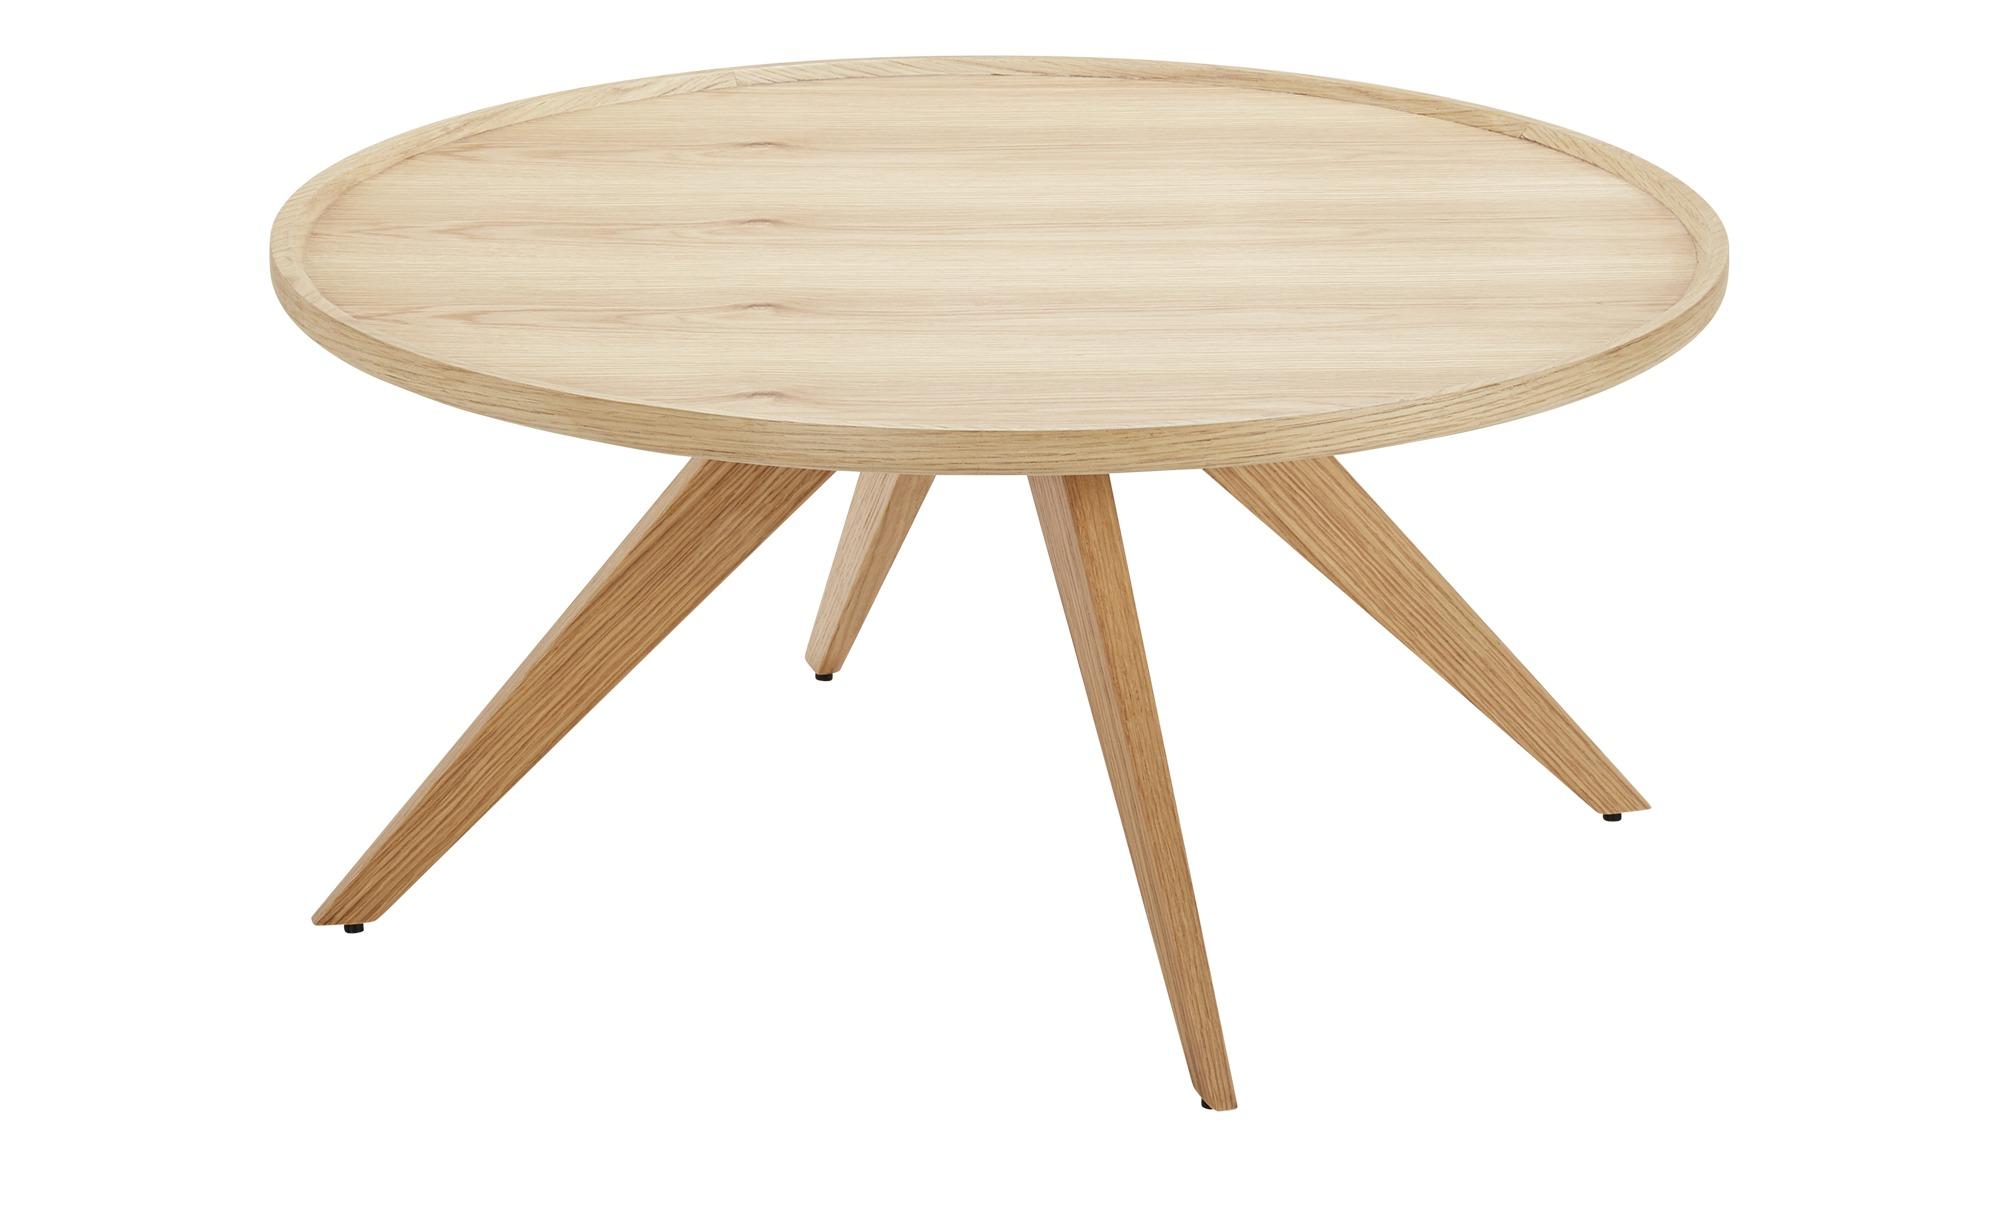 Couchtisch  Glen I ¦ holzfarben ¦ Maße (cm): H: 40 Ø: [85.0] Tische > Couchtische > Couchtische rund - Höffner